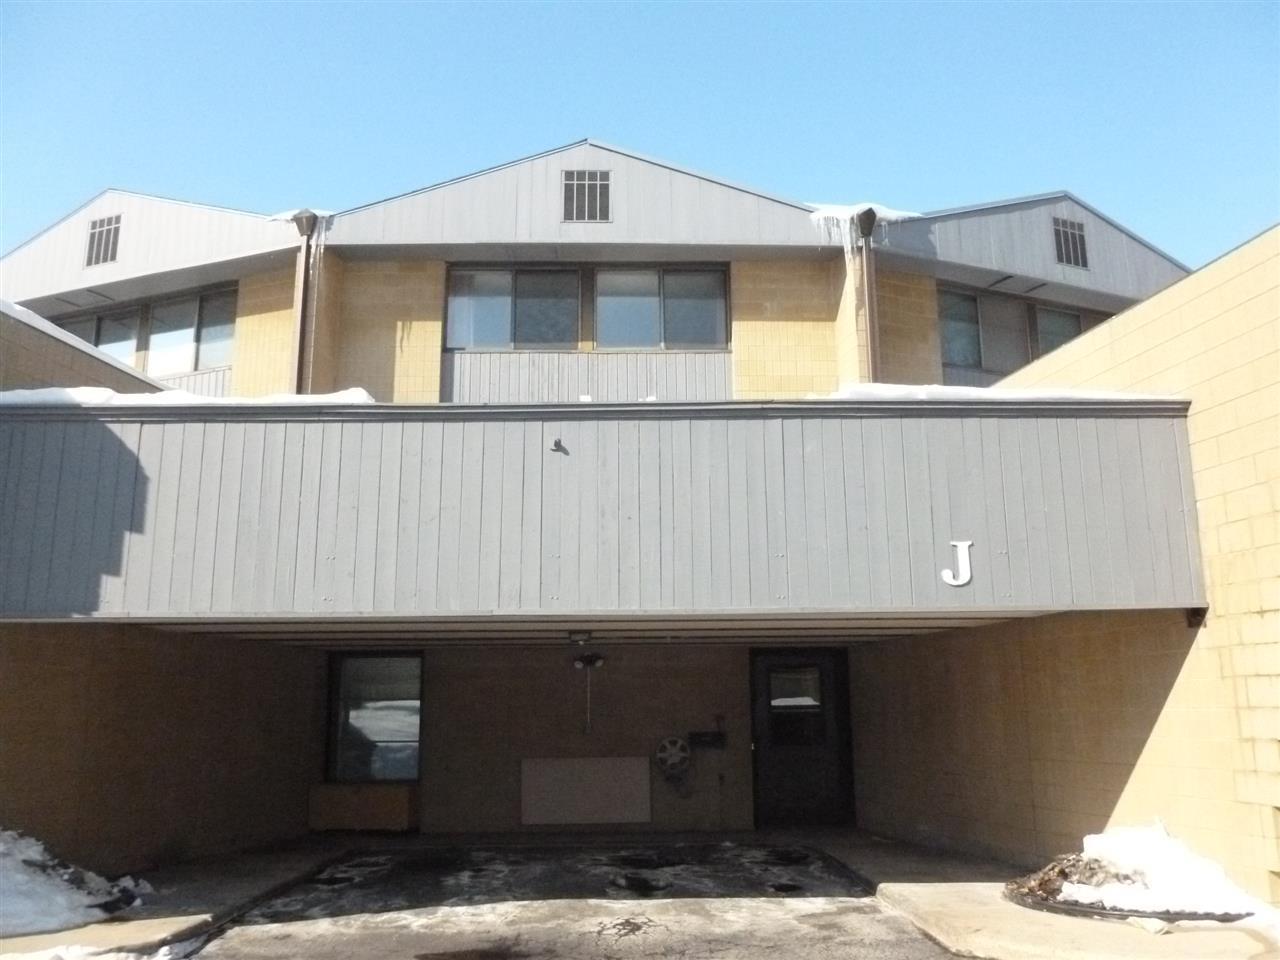 4545 W PINE STREET STREET J, GRAND CHUTE, WI 54914